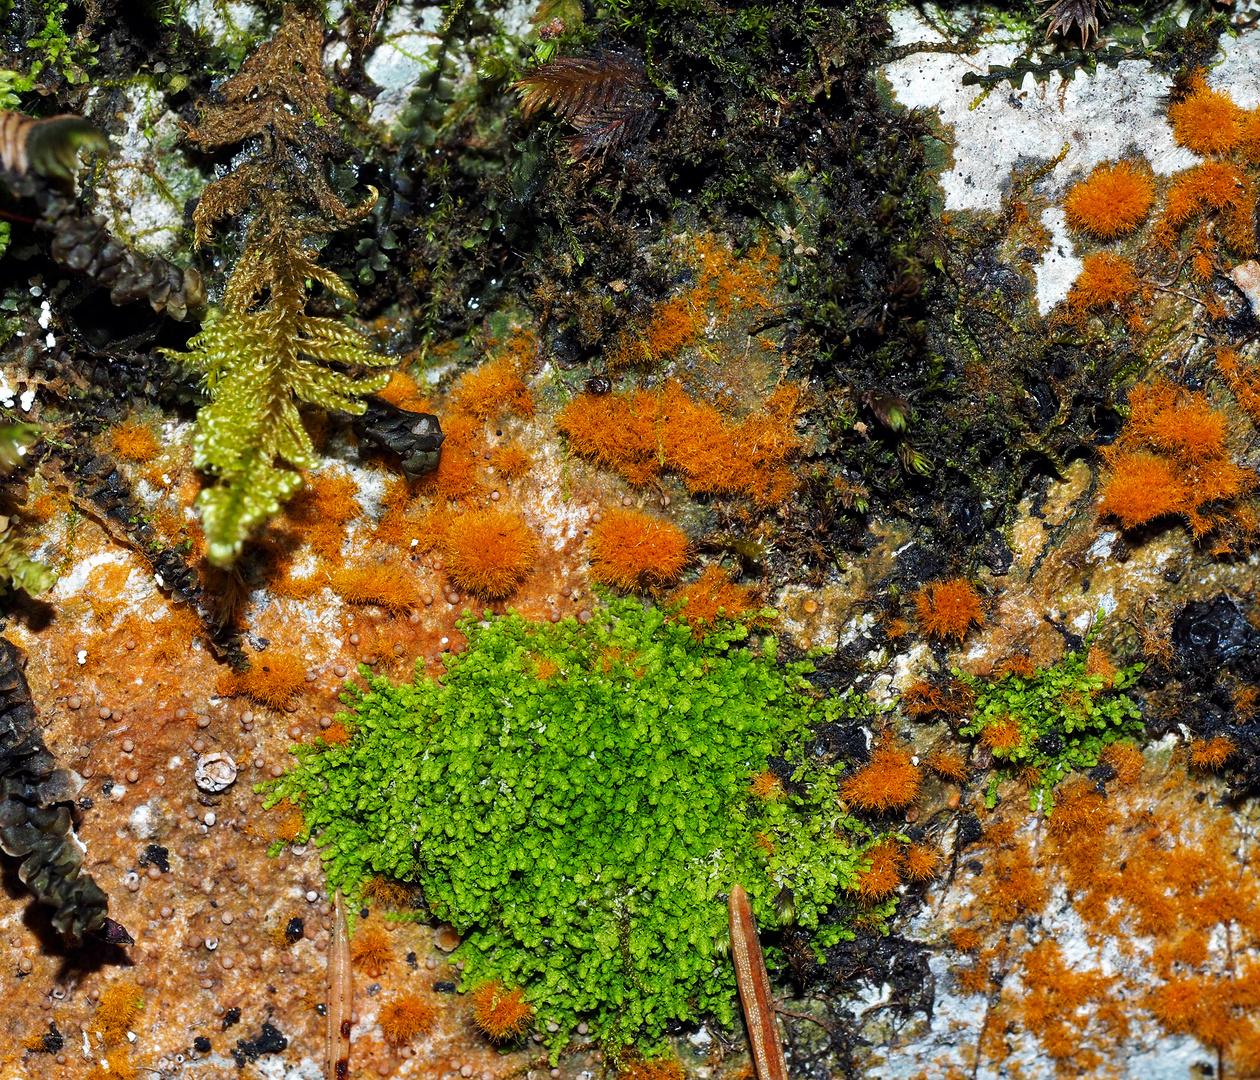 Farbenpracht auf uraltem Felsbrocken im Wald, Moose, Flechten und Algen! *